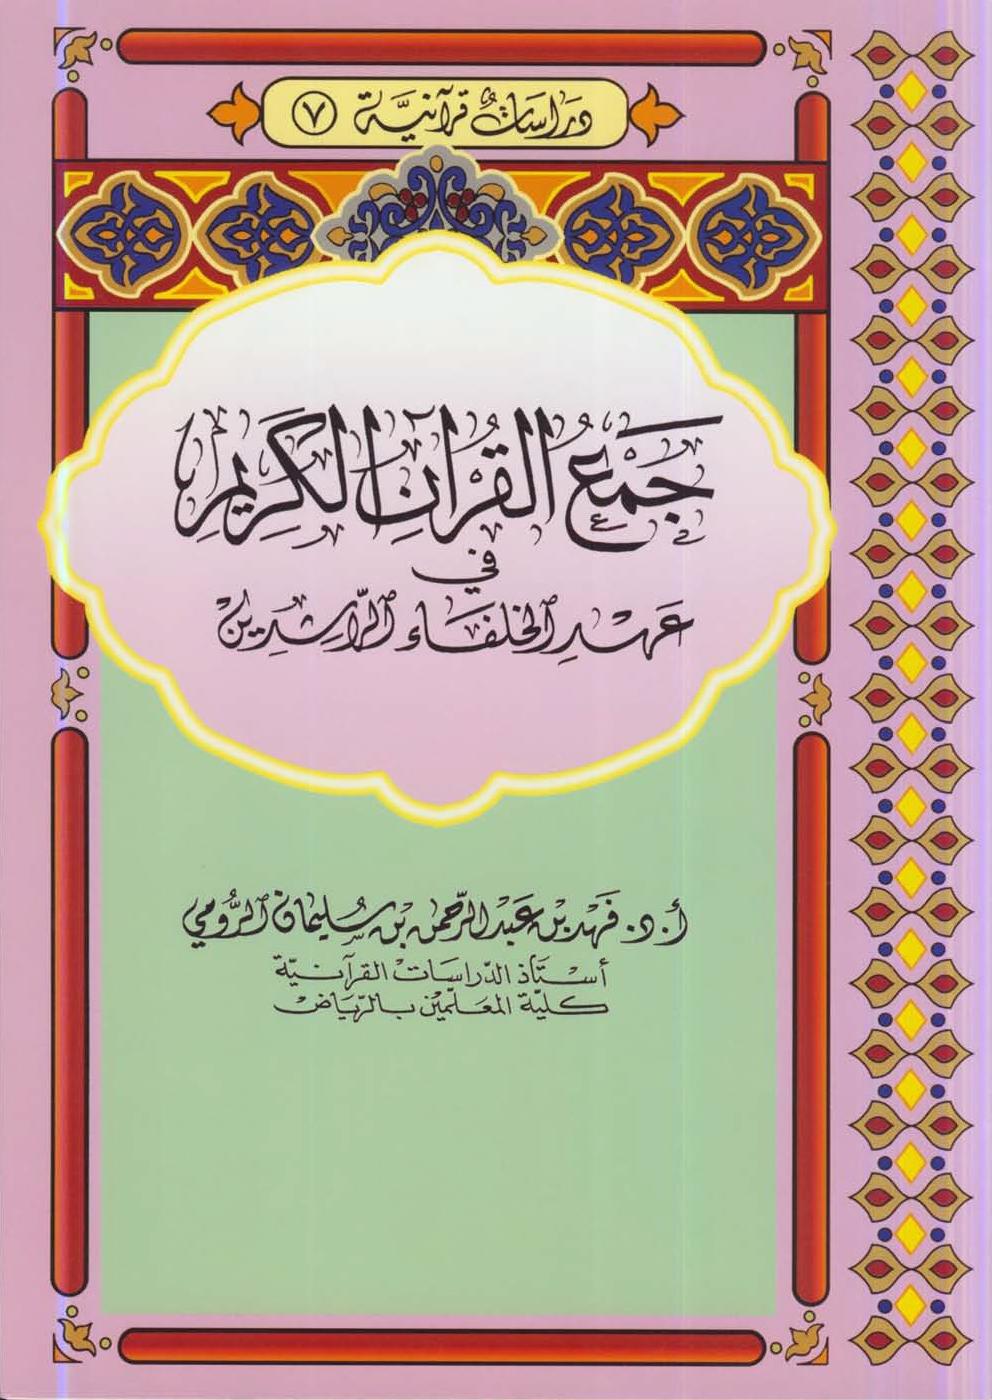 تحميل كتاب جمع القرآن الكريم في عهد الخلفاء الراشدين (الرومي) لـِ: الدكتور فهد بن عبد الرحمن بن سليمان الرومي